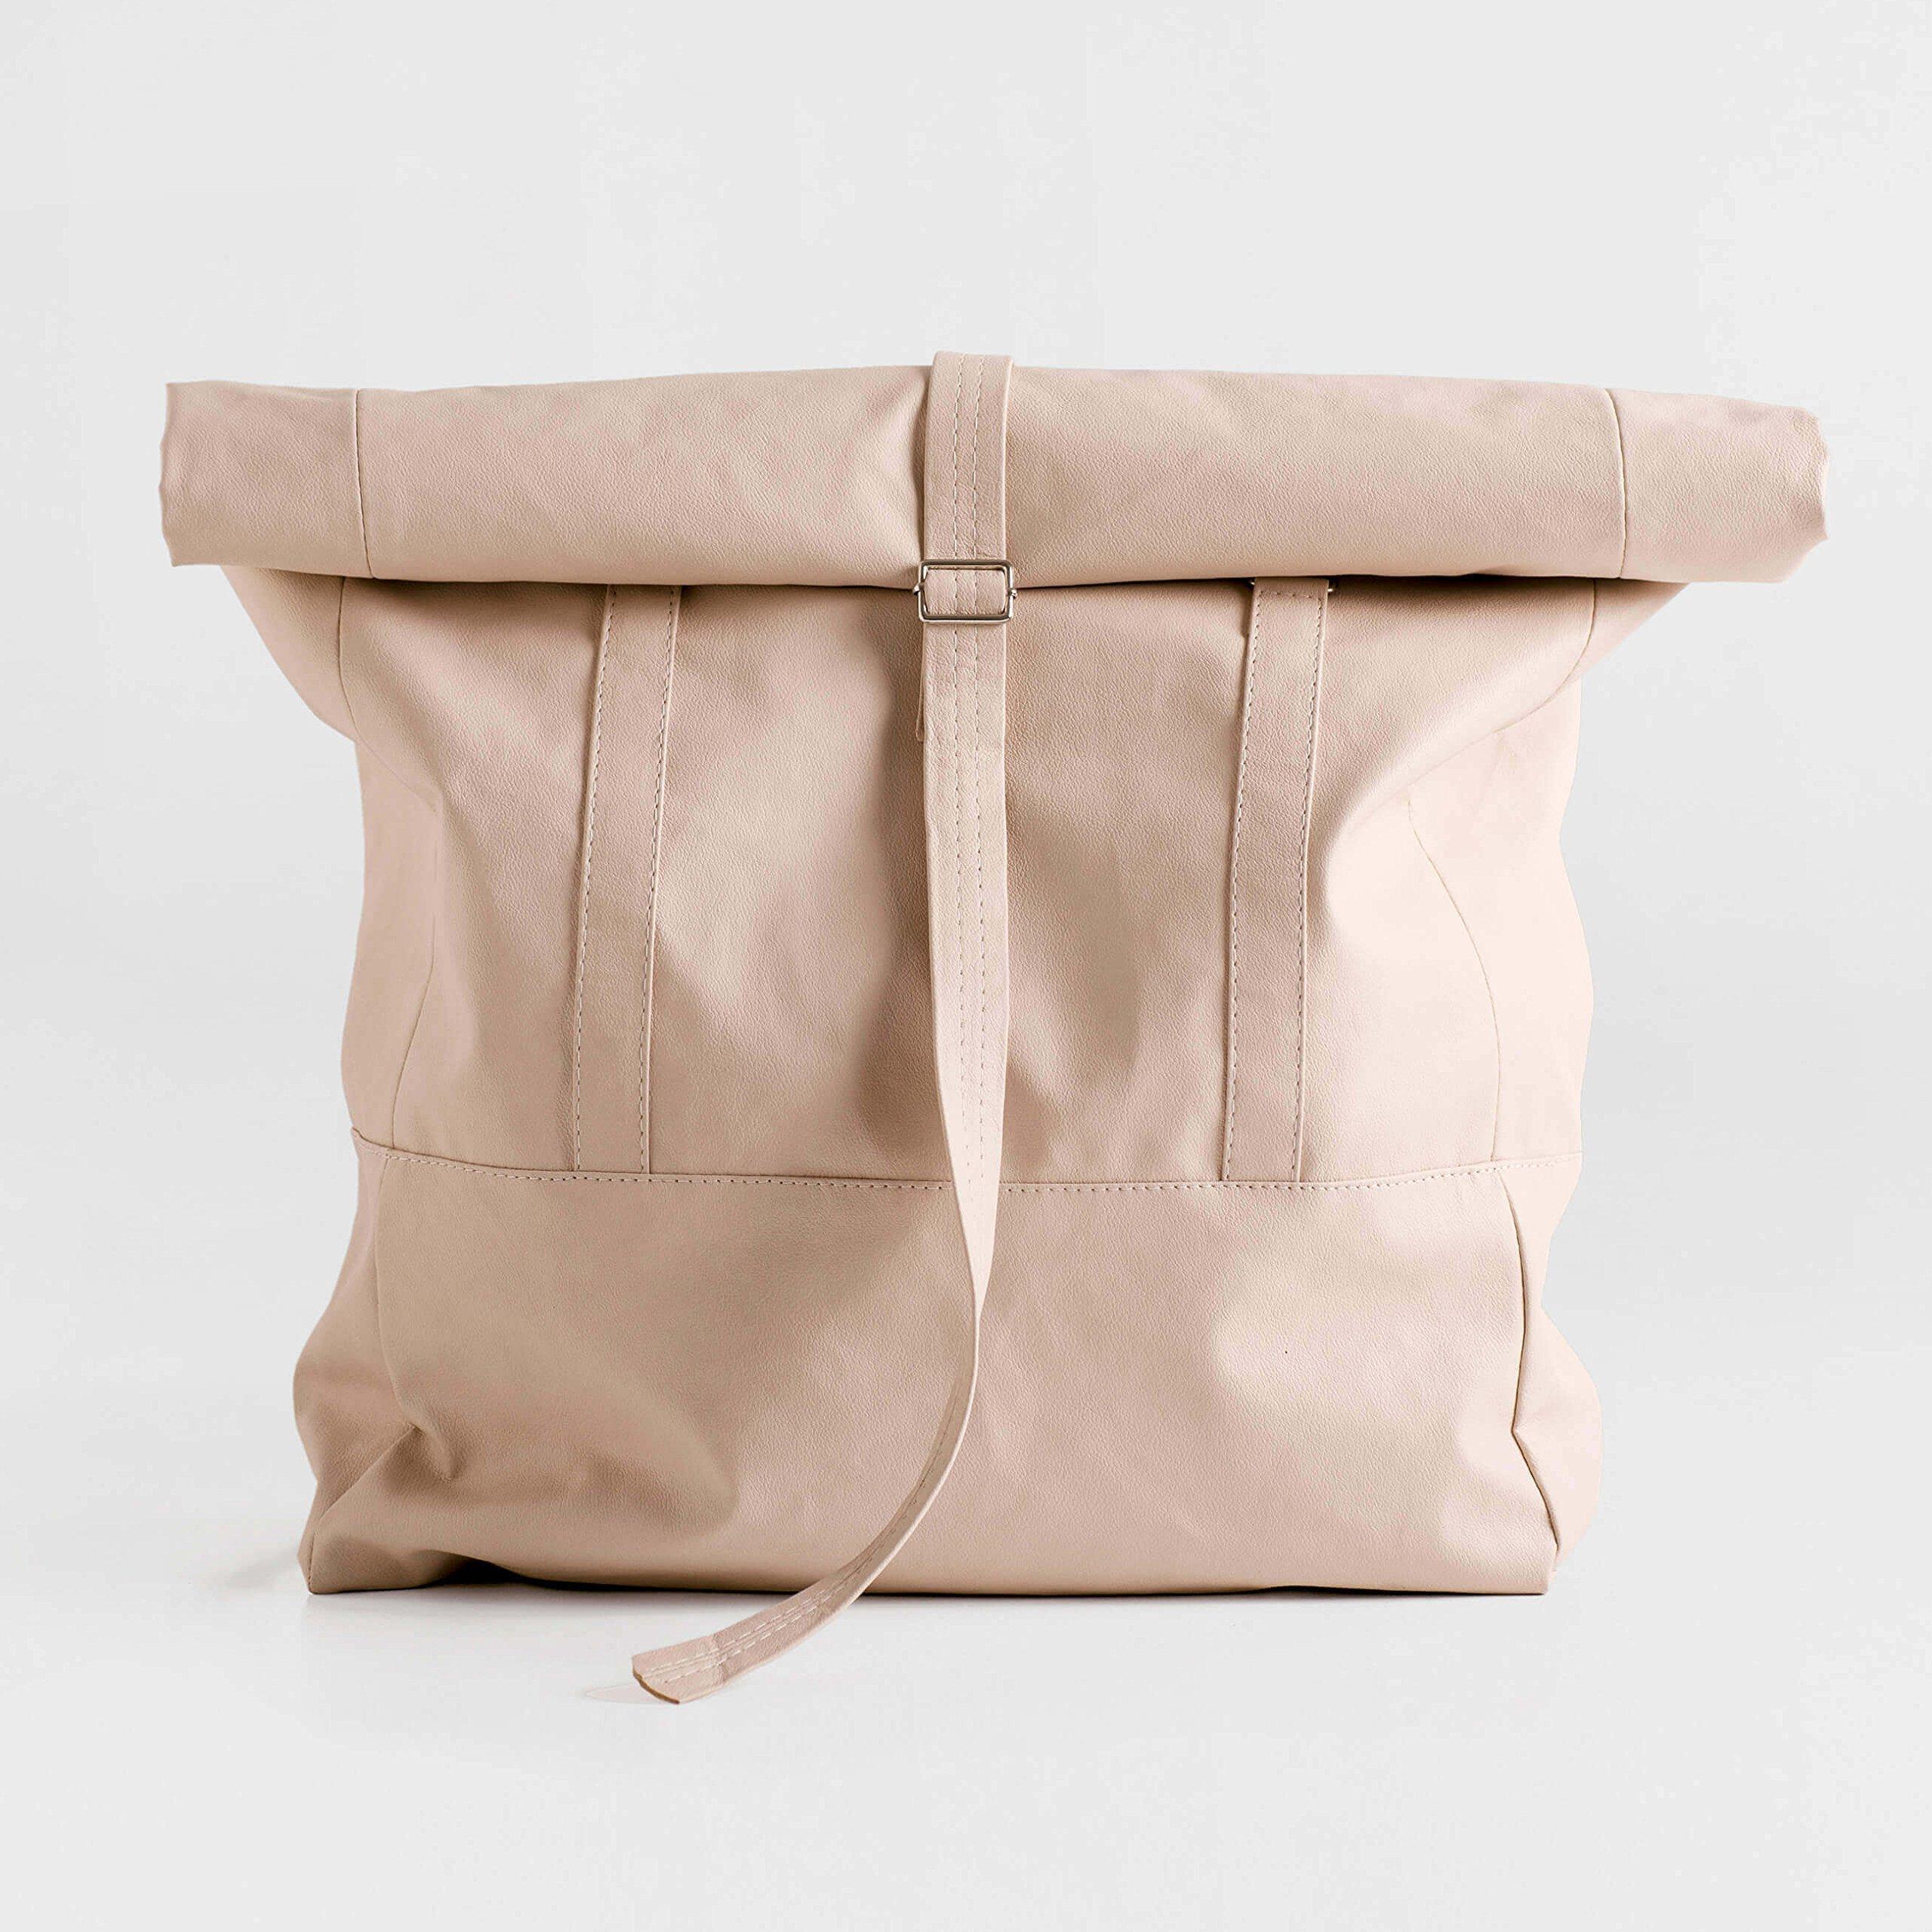 Large Convertible Backpack Tote Bag, Women Backpack, Lightweight Shoulder Bag - Travel Daypack, PU Vegan Leather Rucksack, Big Shoulder Bag